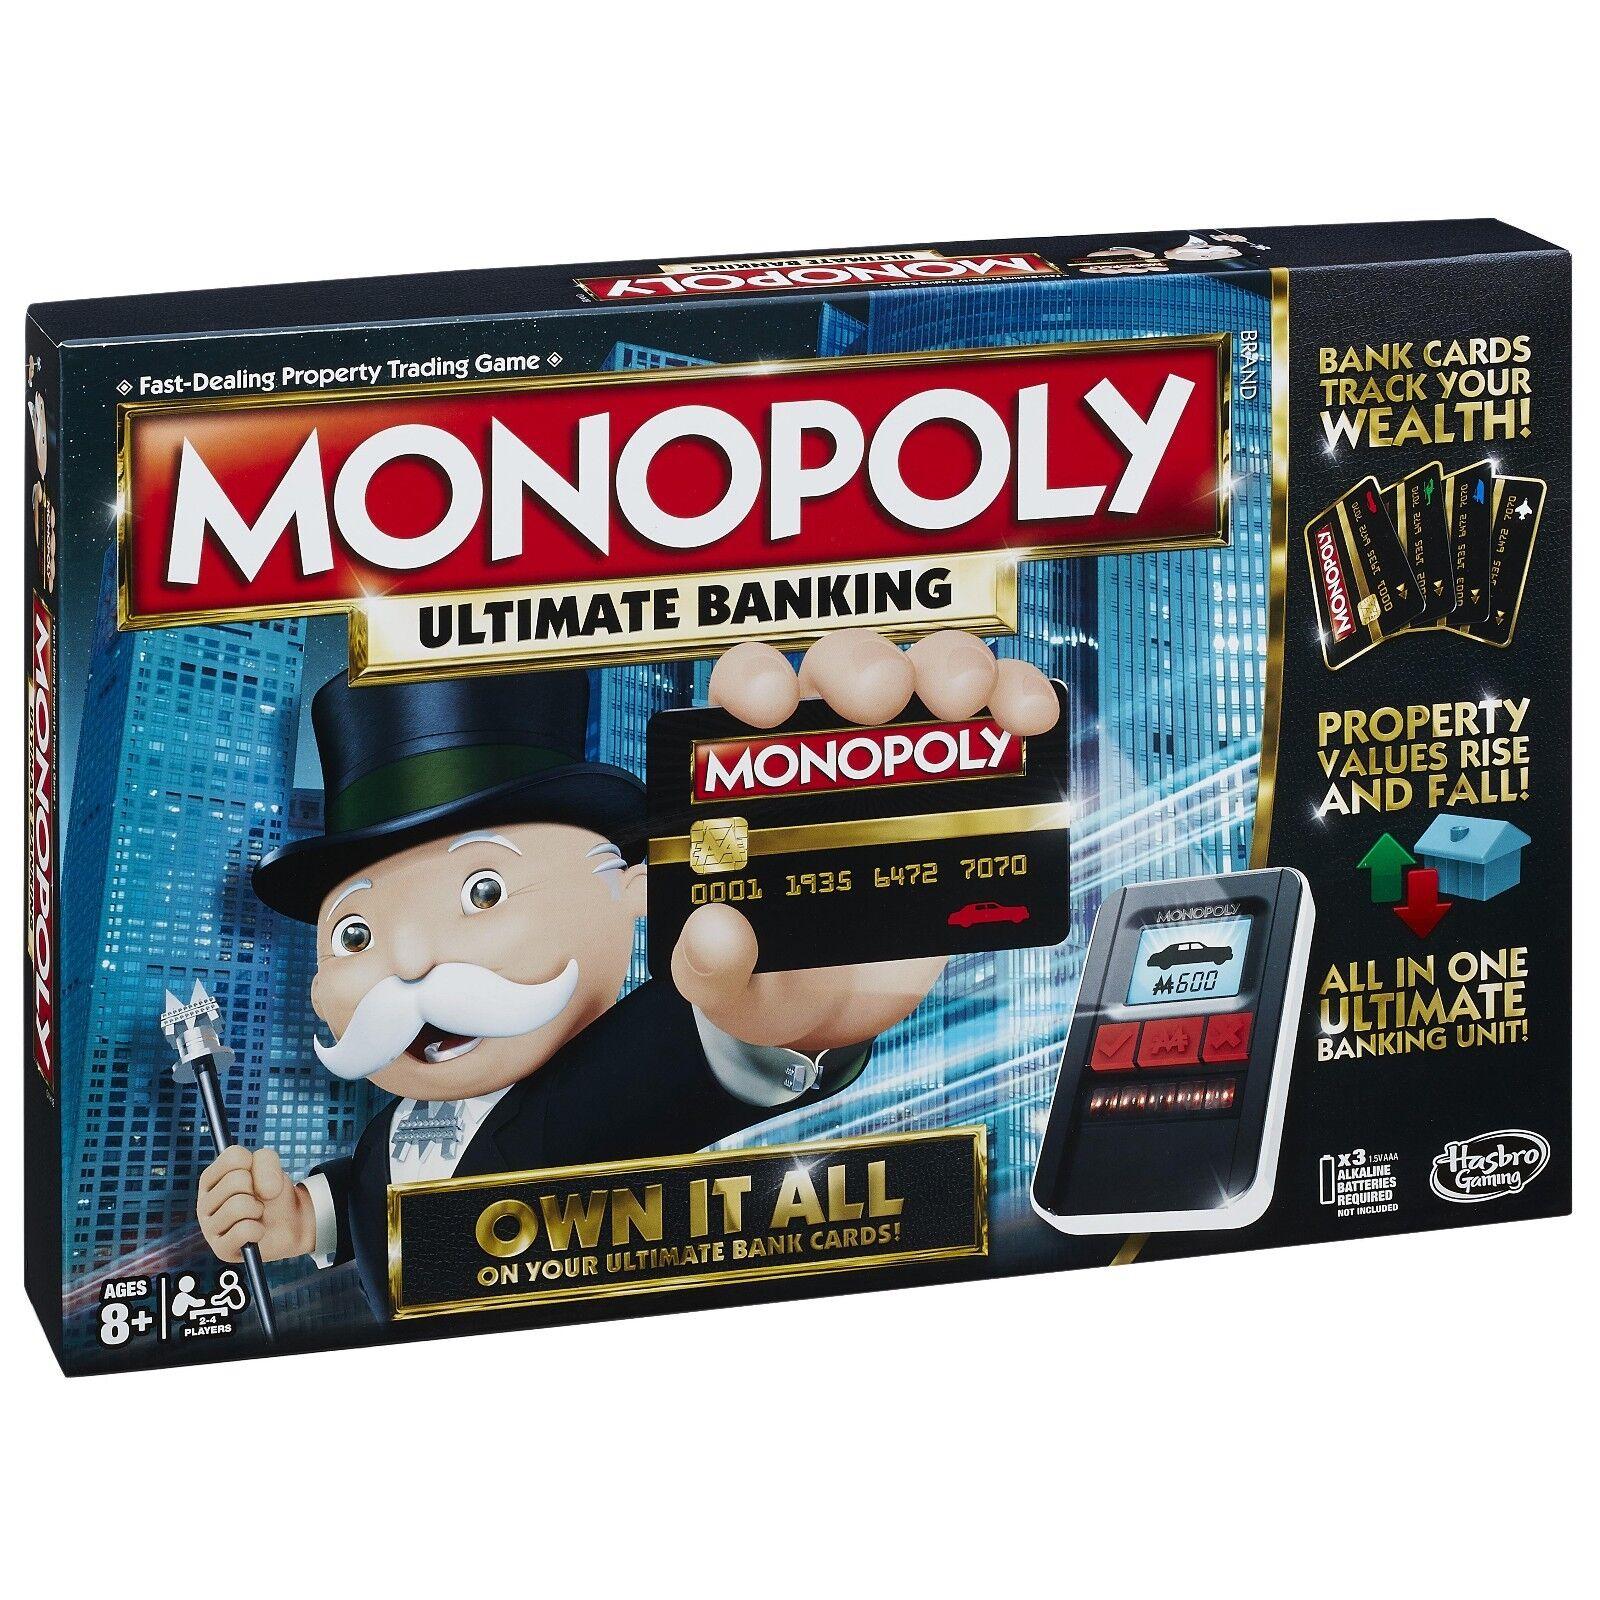 GIOCO da tavolo 2-4 giocatori Monopoly banking Indoor ULTIMATE GIOCO età 8+